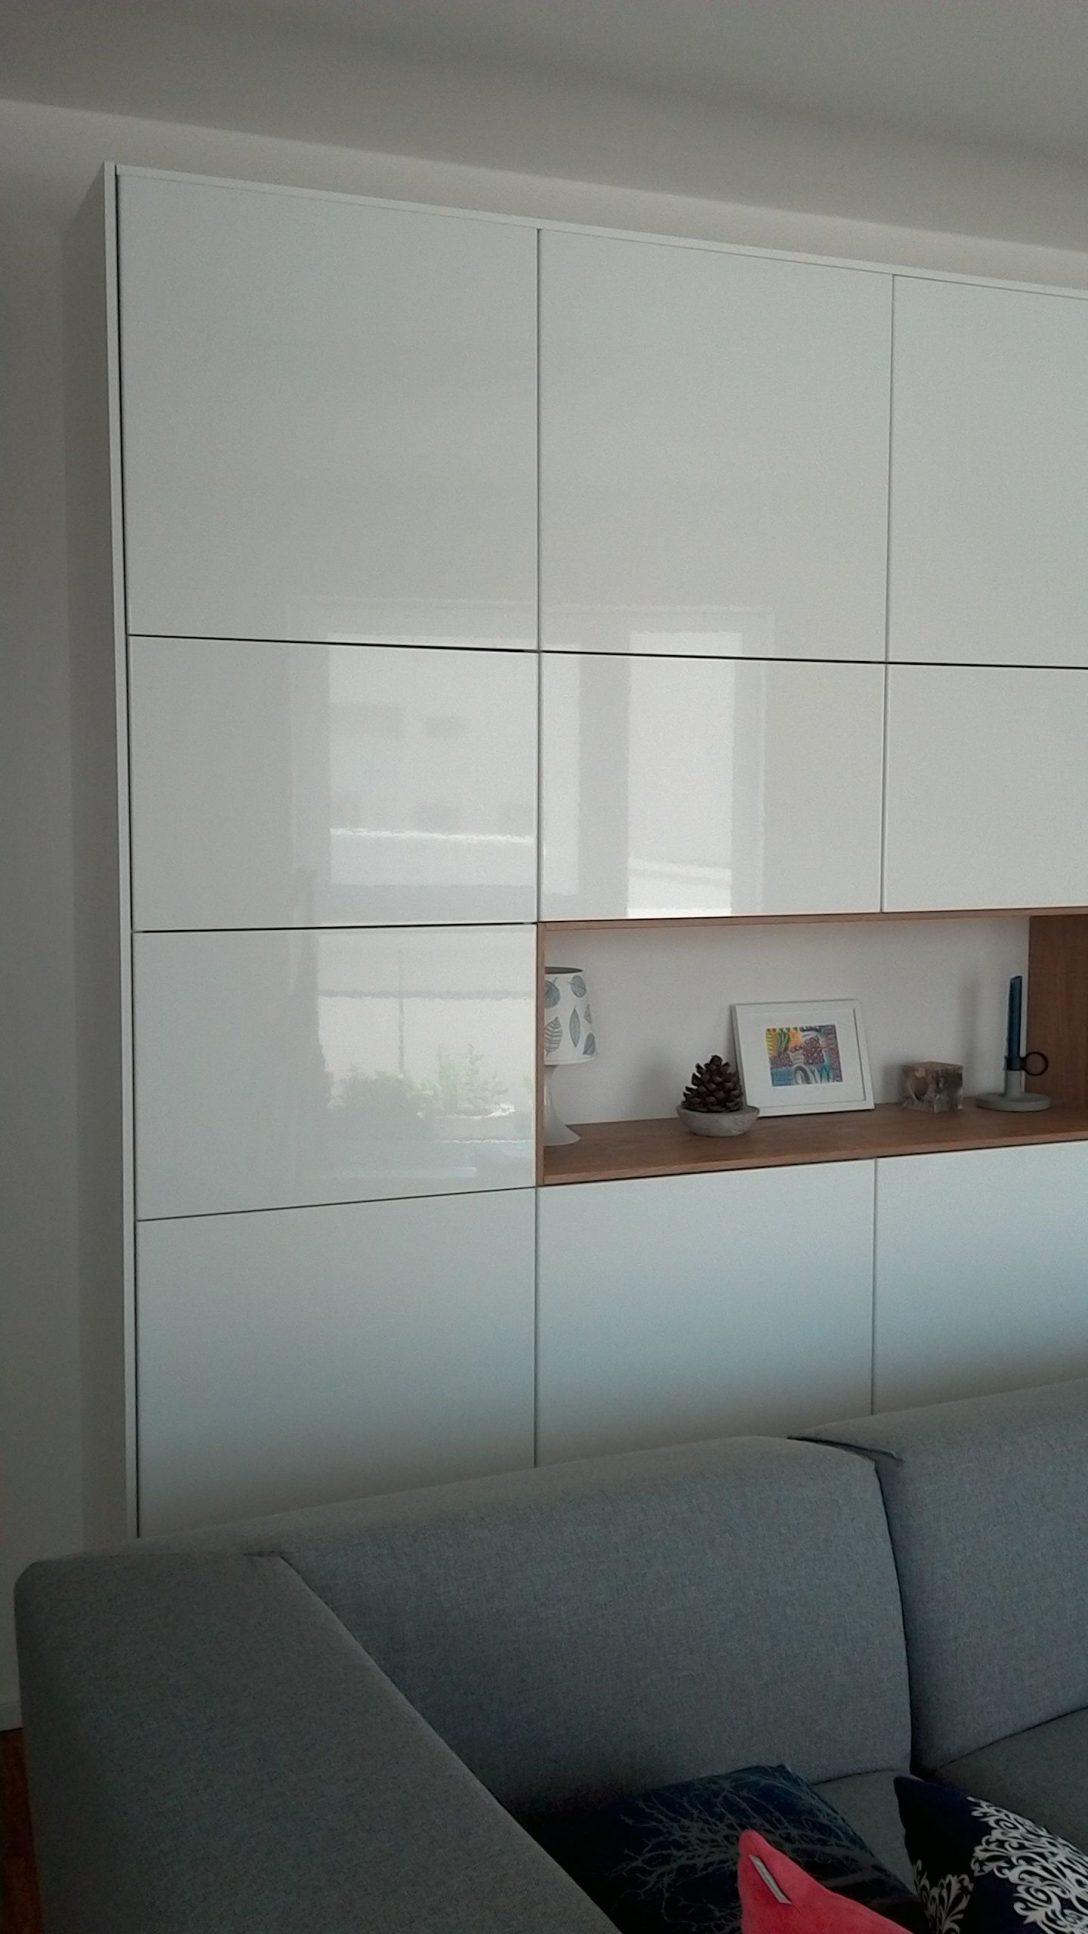 Large Size of Ikea Wohnzimmerschrank Küche Kaufen Modulküche Kosten Sofa Mit Schlaffunktion Betten 160x200 Miniküche Bei Wohnzimmer Ikea Wohnzimmerschrank